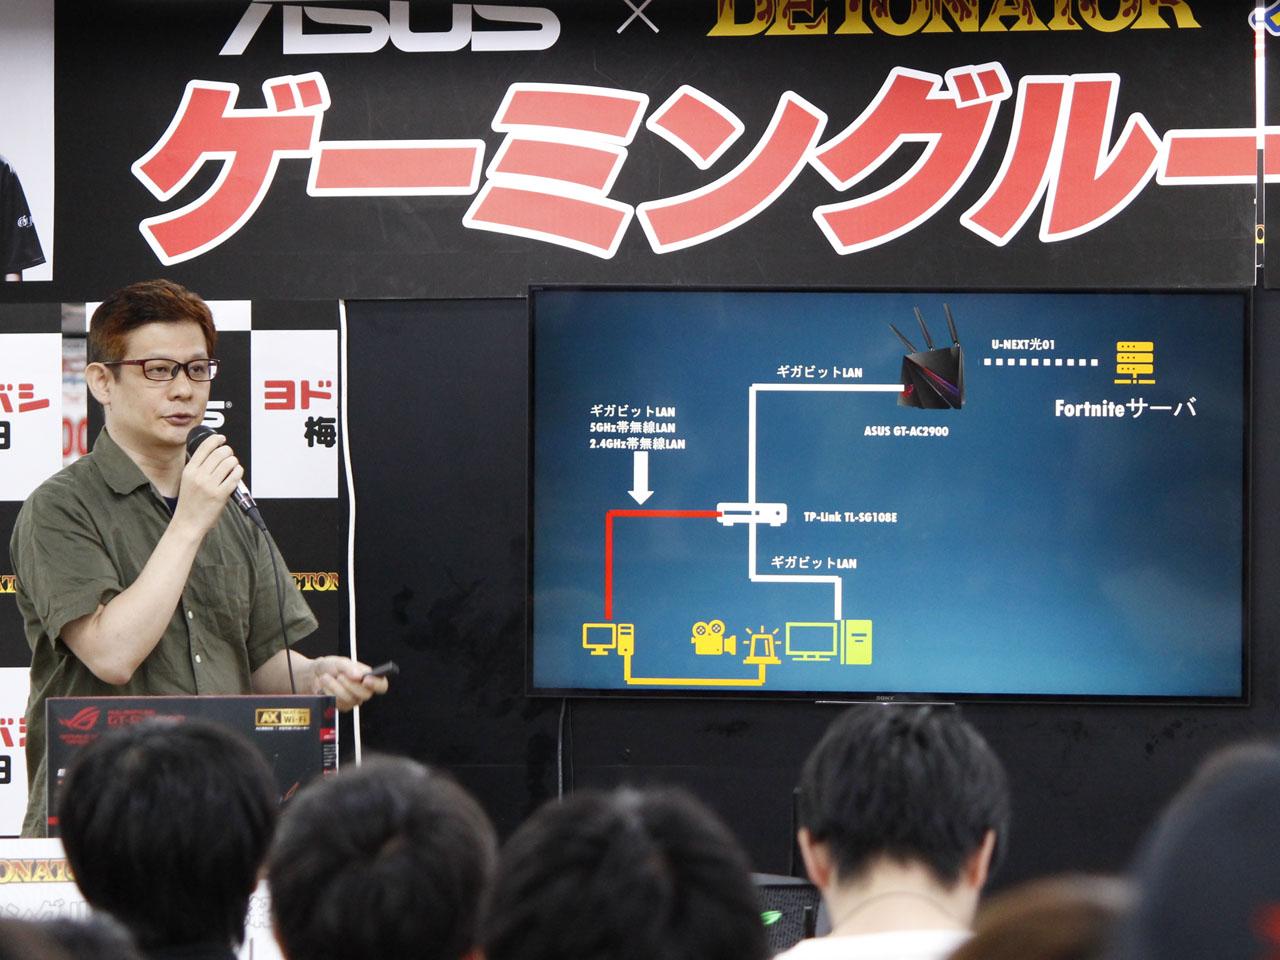 加藤氏の講演で披露された、マウス操作から球が出るまでのラグを動画で測定するシステム図